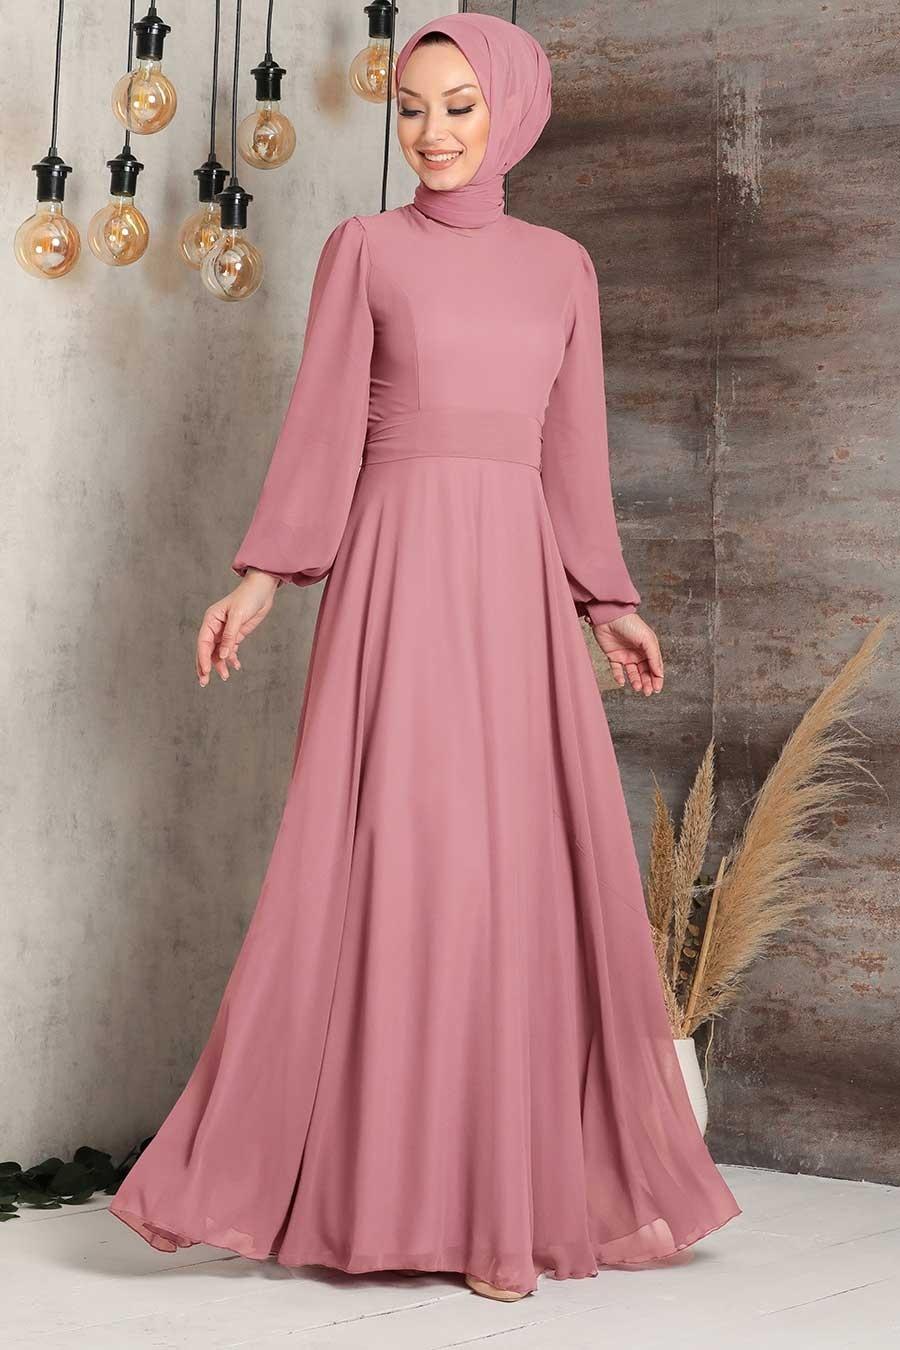 Tesettürlü Abiye Elbise - Balon Kol Gül Kurusu Tesettür Abiye Elbise 5470GK